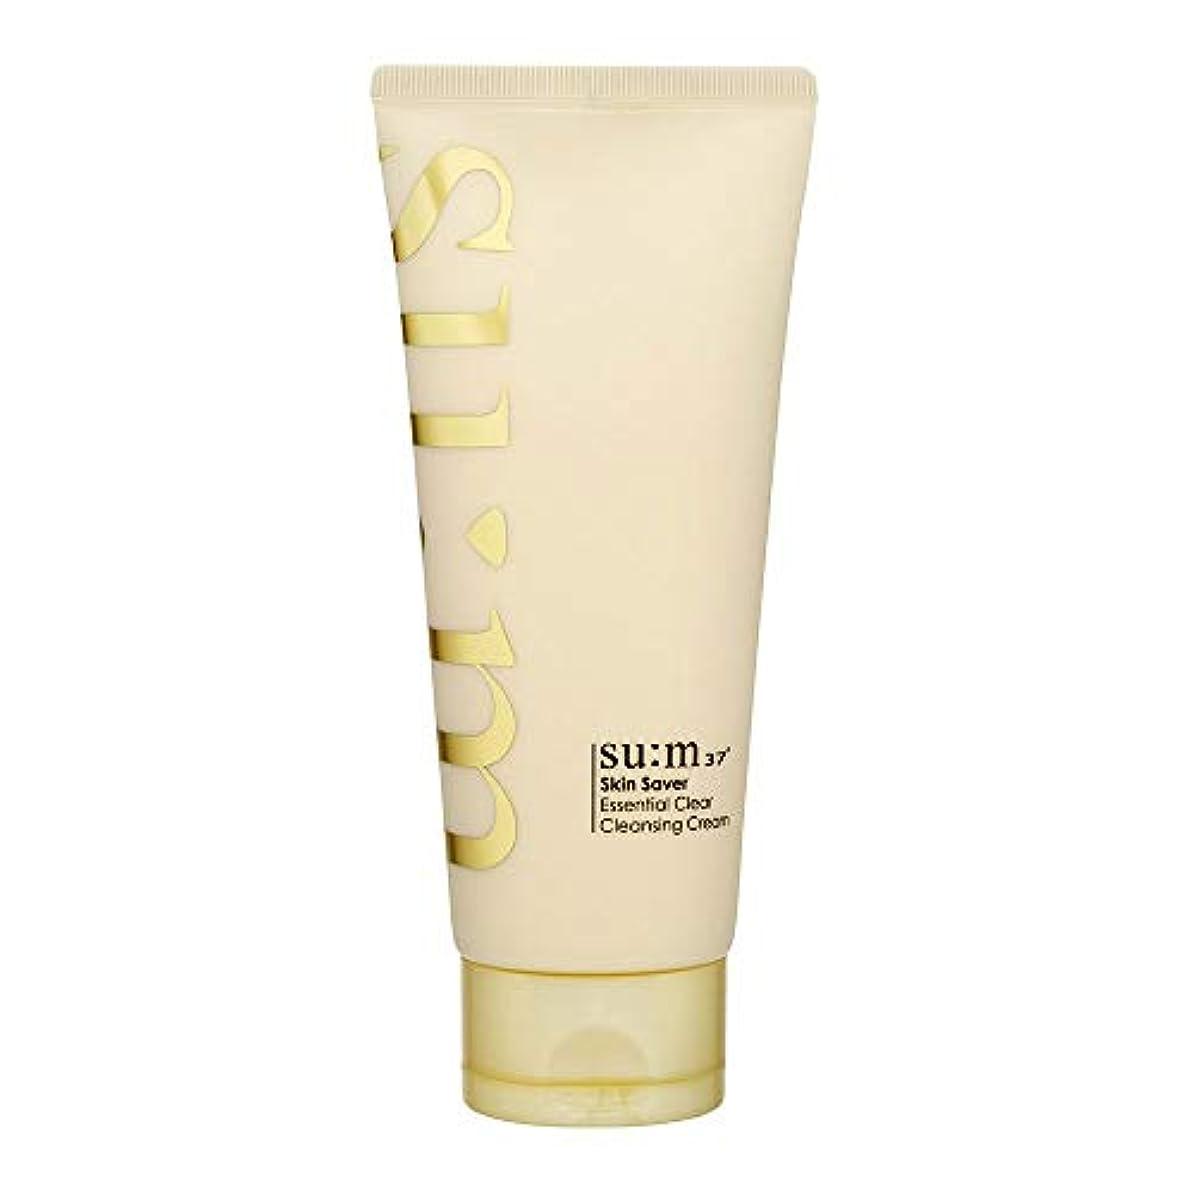 大破レンダリングミシン目[スム37°] Sum37° スキンセイバー エッセンシャルクリアクレンジングクリーム  Skin saver Essential Clear Cleansing Cream (海外直送品) [並行輸入品]